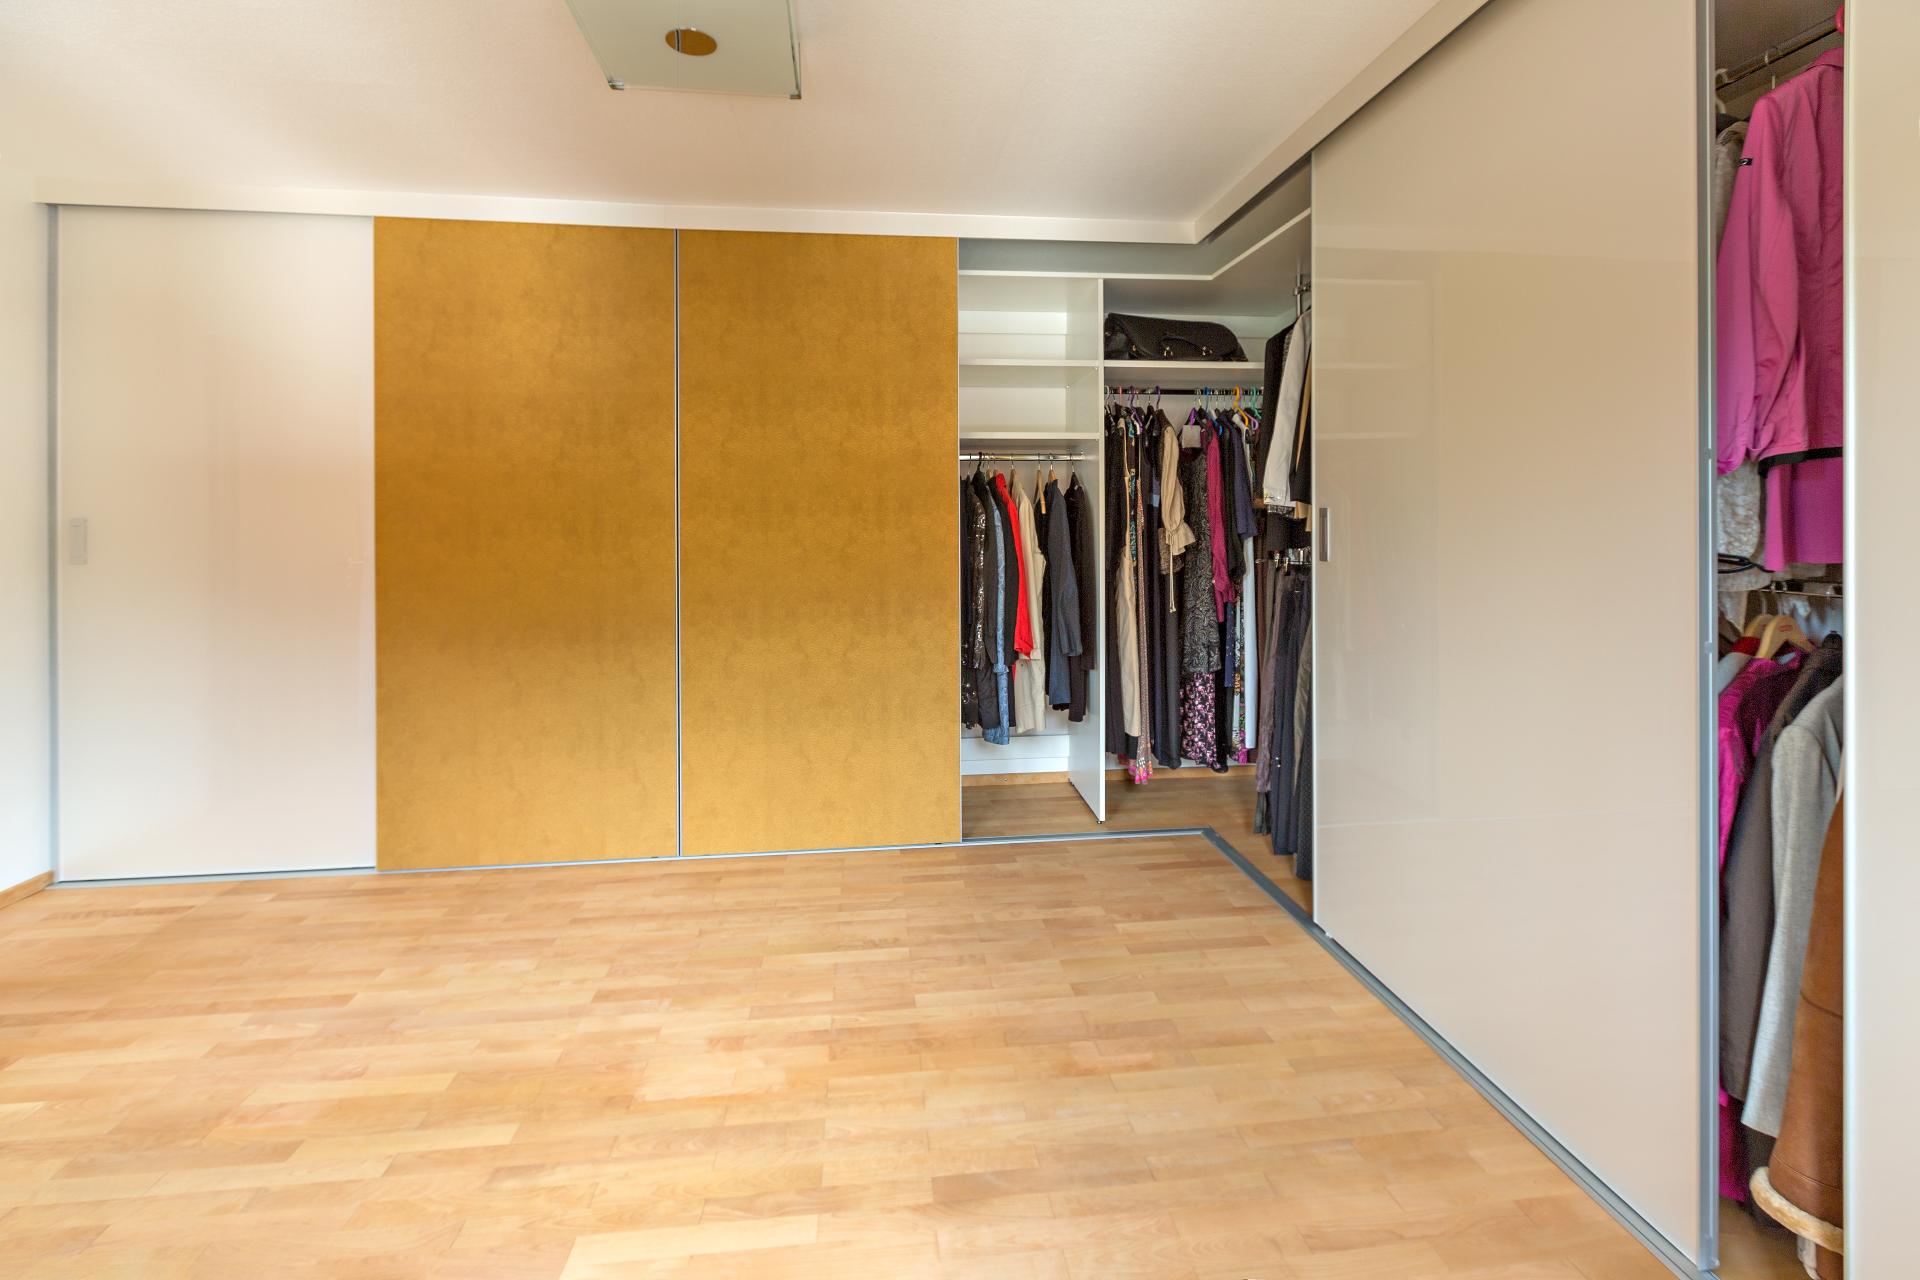 eckkleiderschrank an zwei w nden verlaufend mit schiebet ren in goldenem leder auf zu. Black Bedroom Furniture Sets. Home Design Ideas